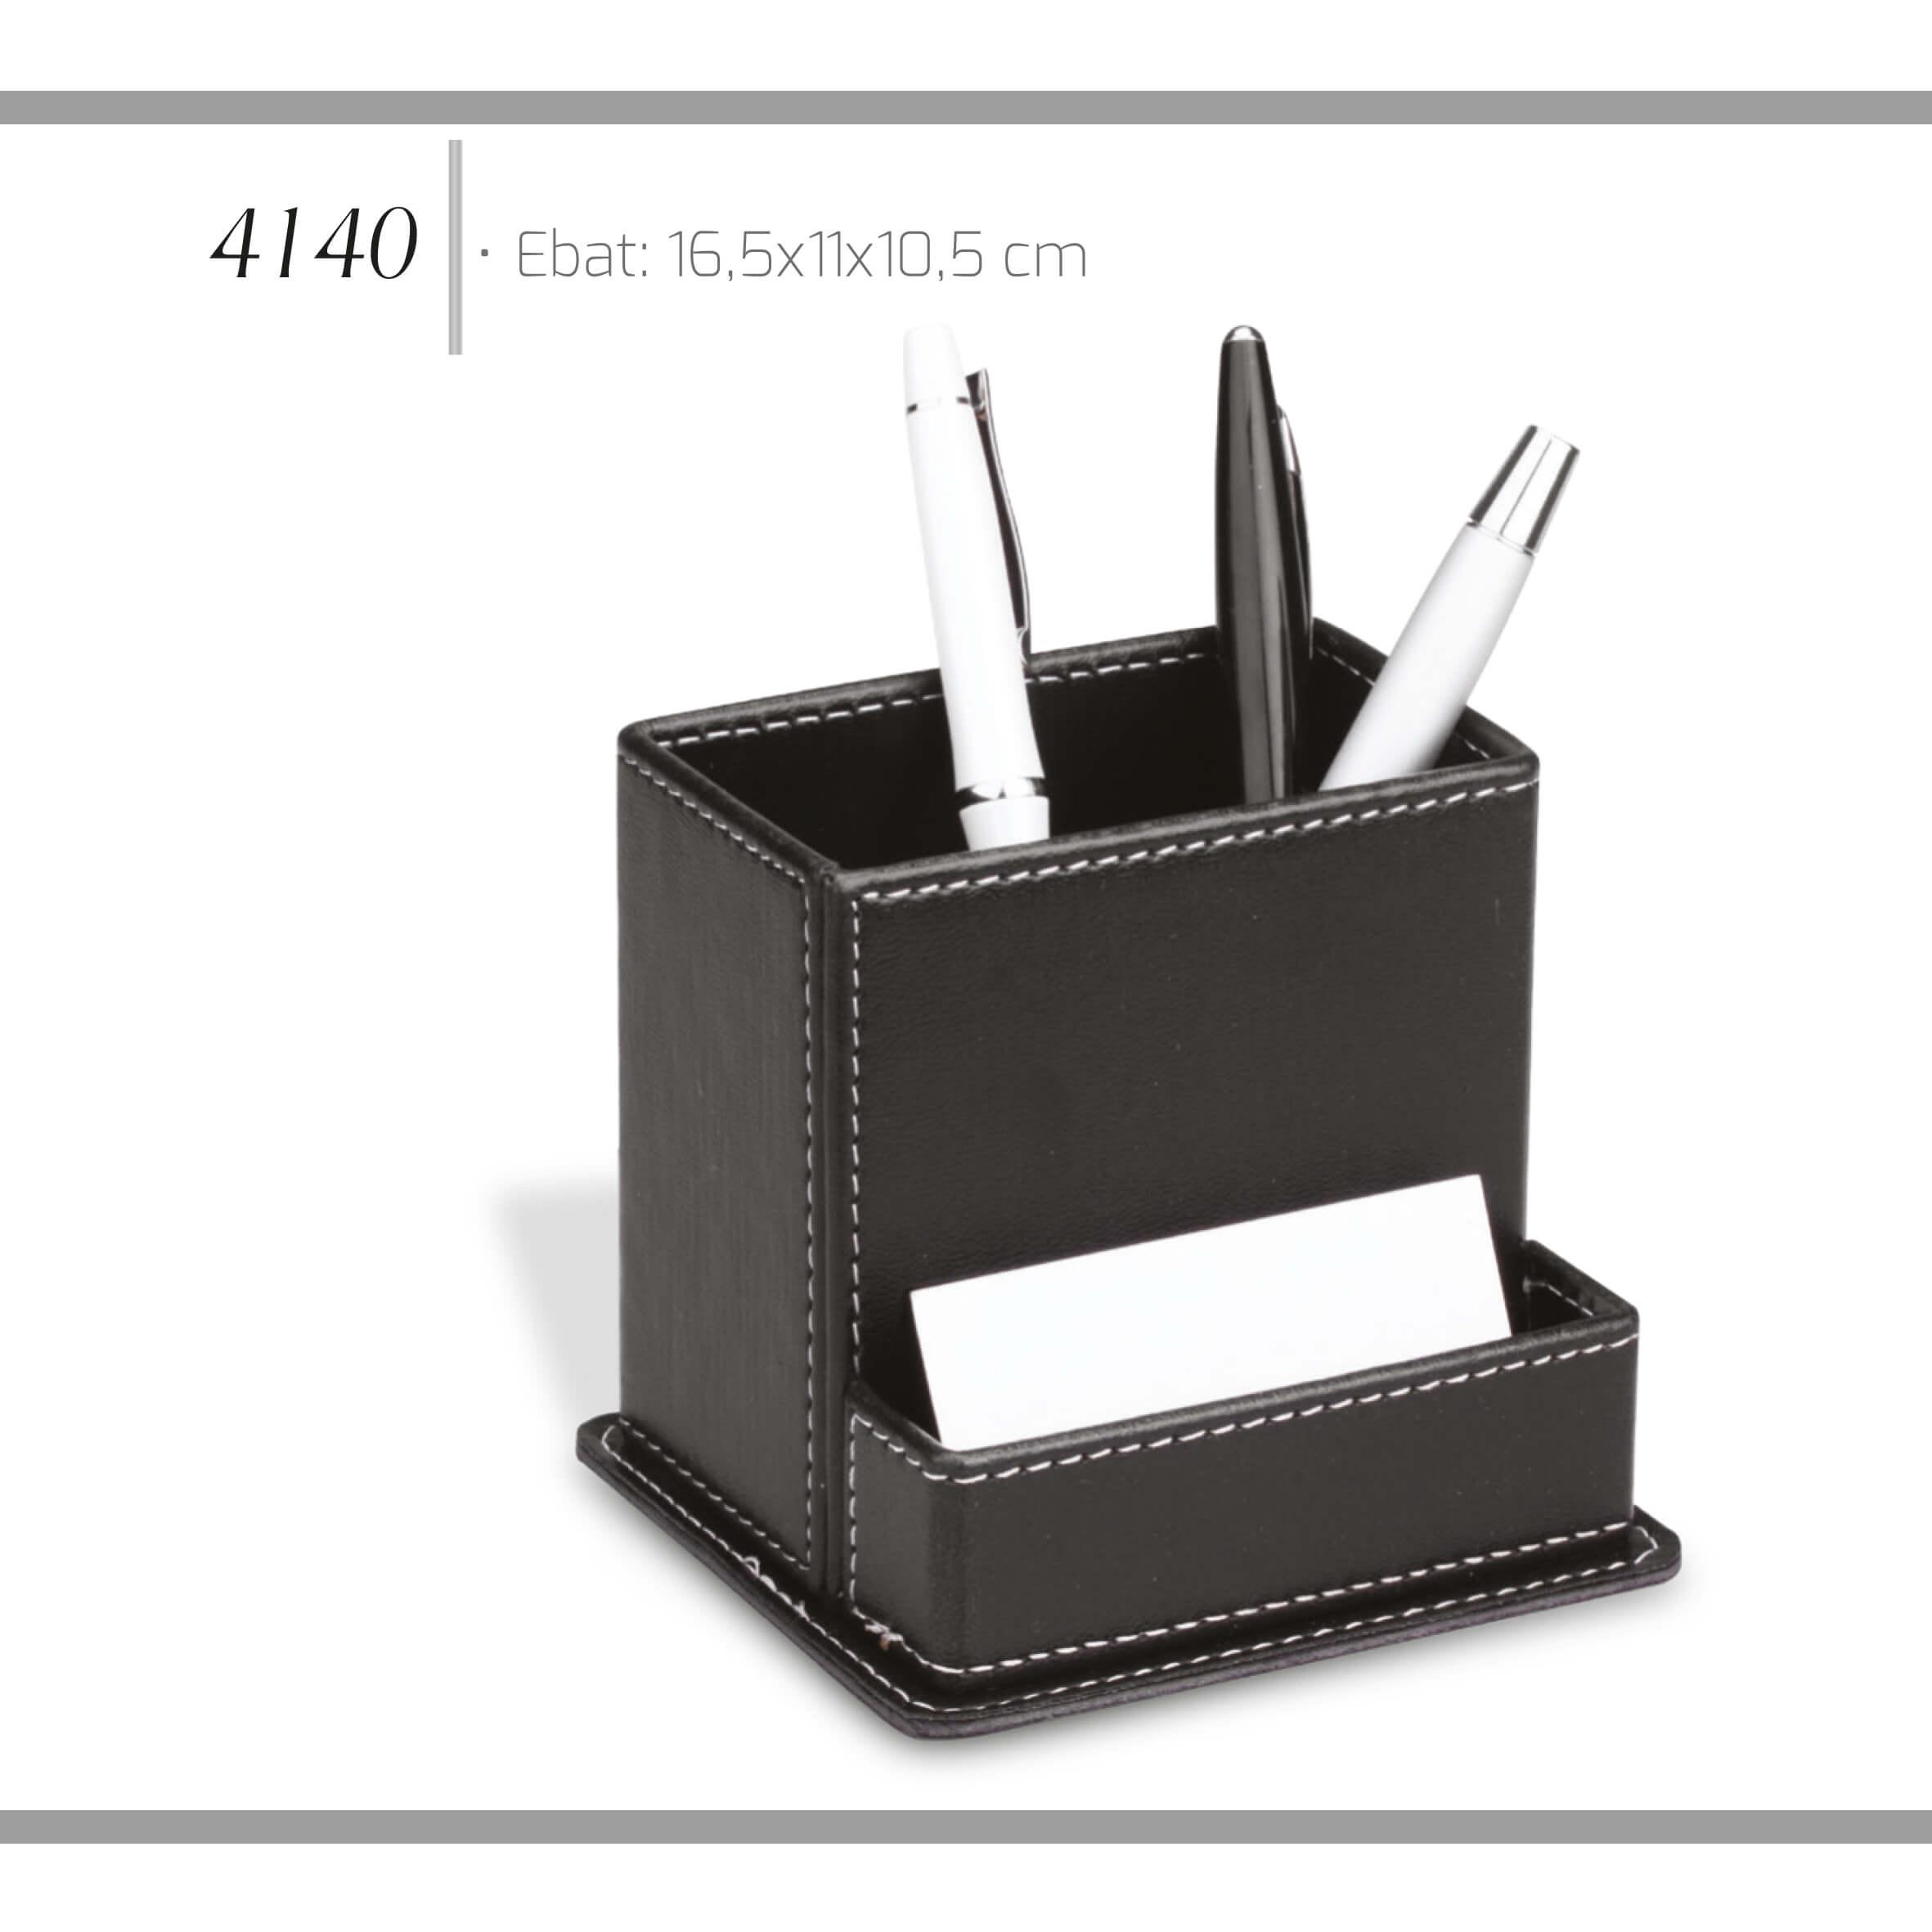 promosyon-promosyon ürünleri-promosyon masa seti-deri kalemlik 4140